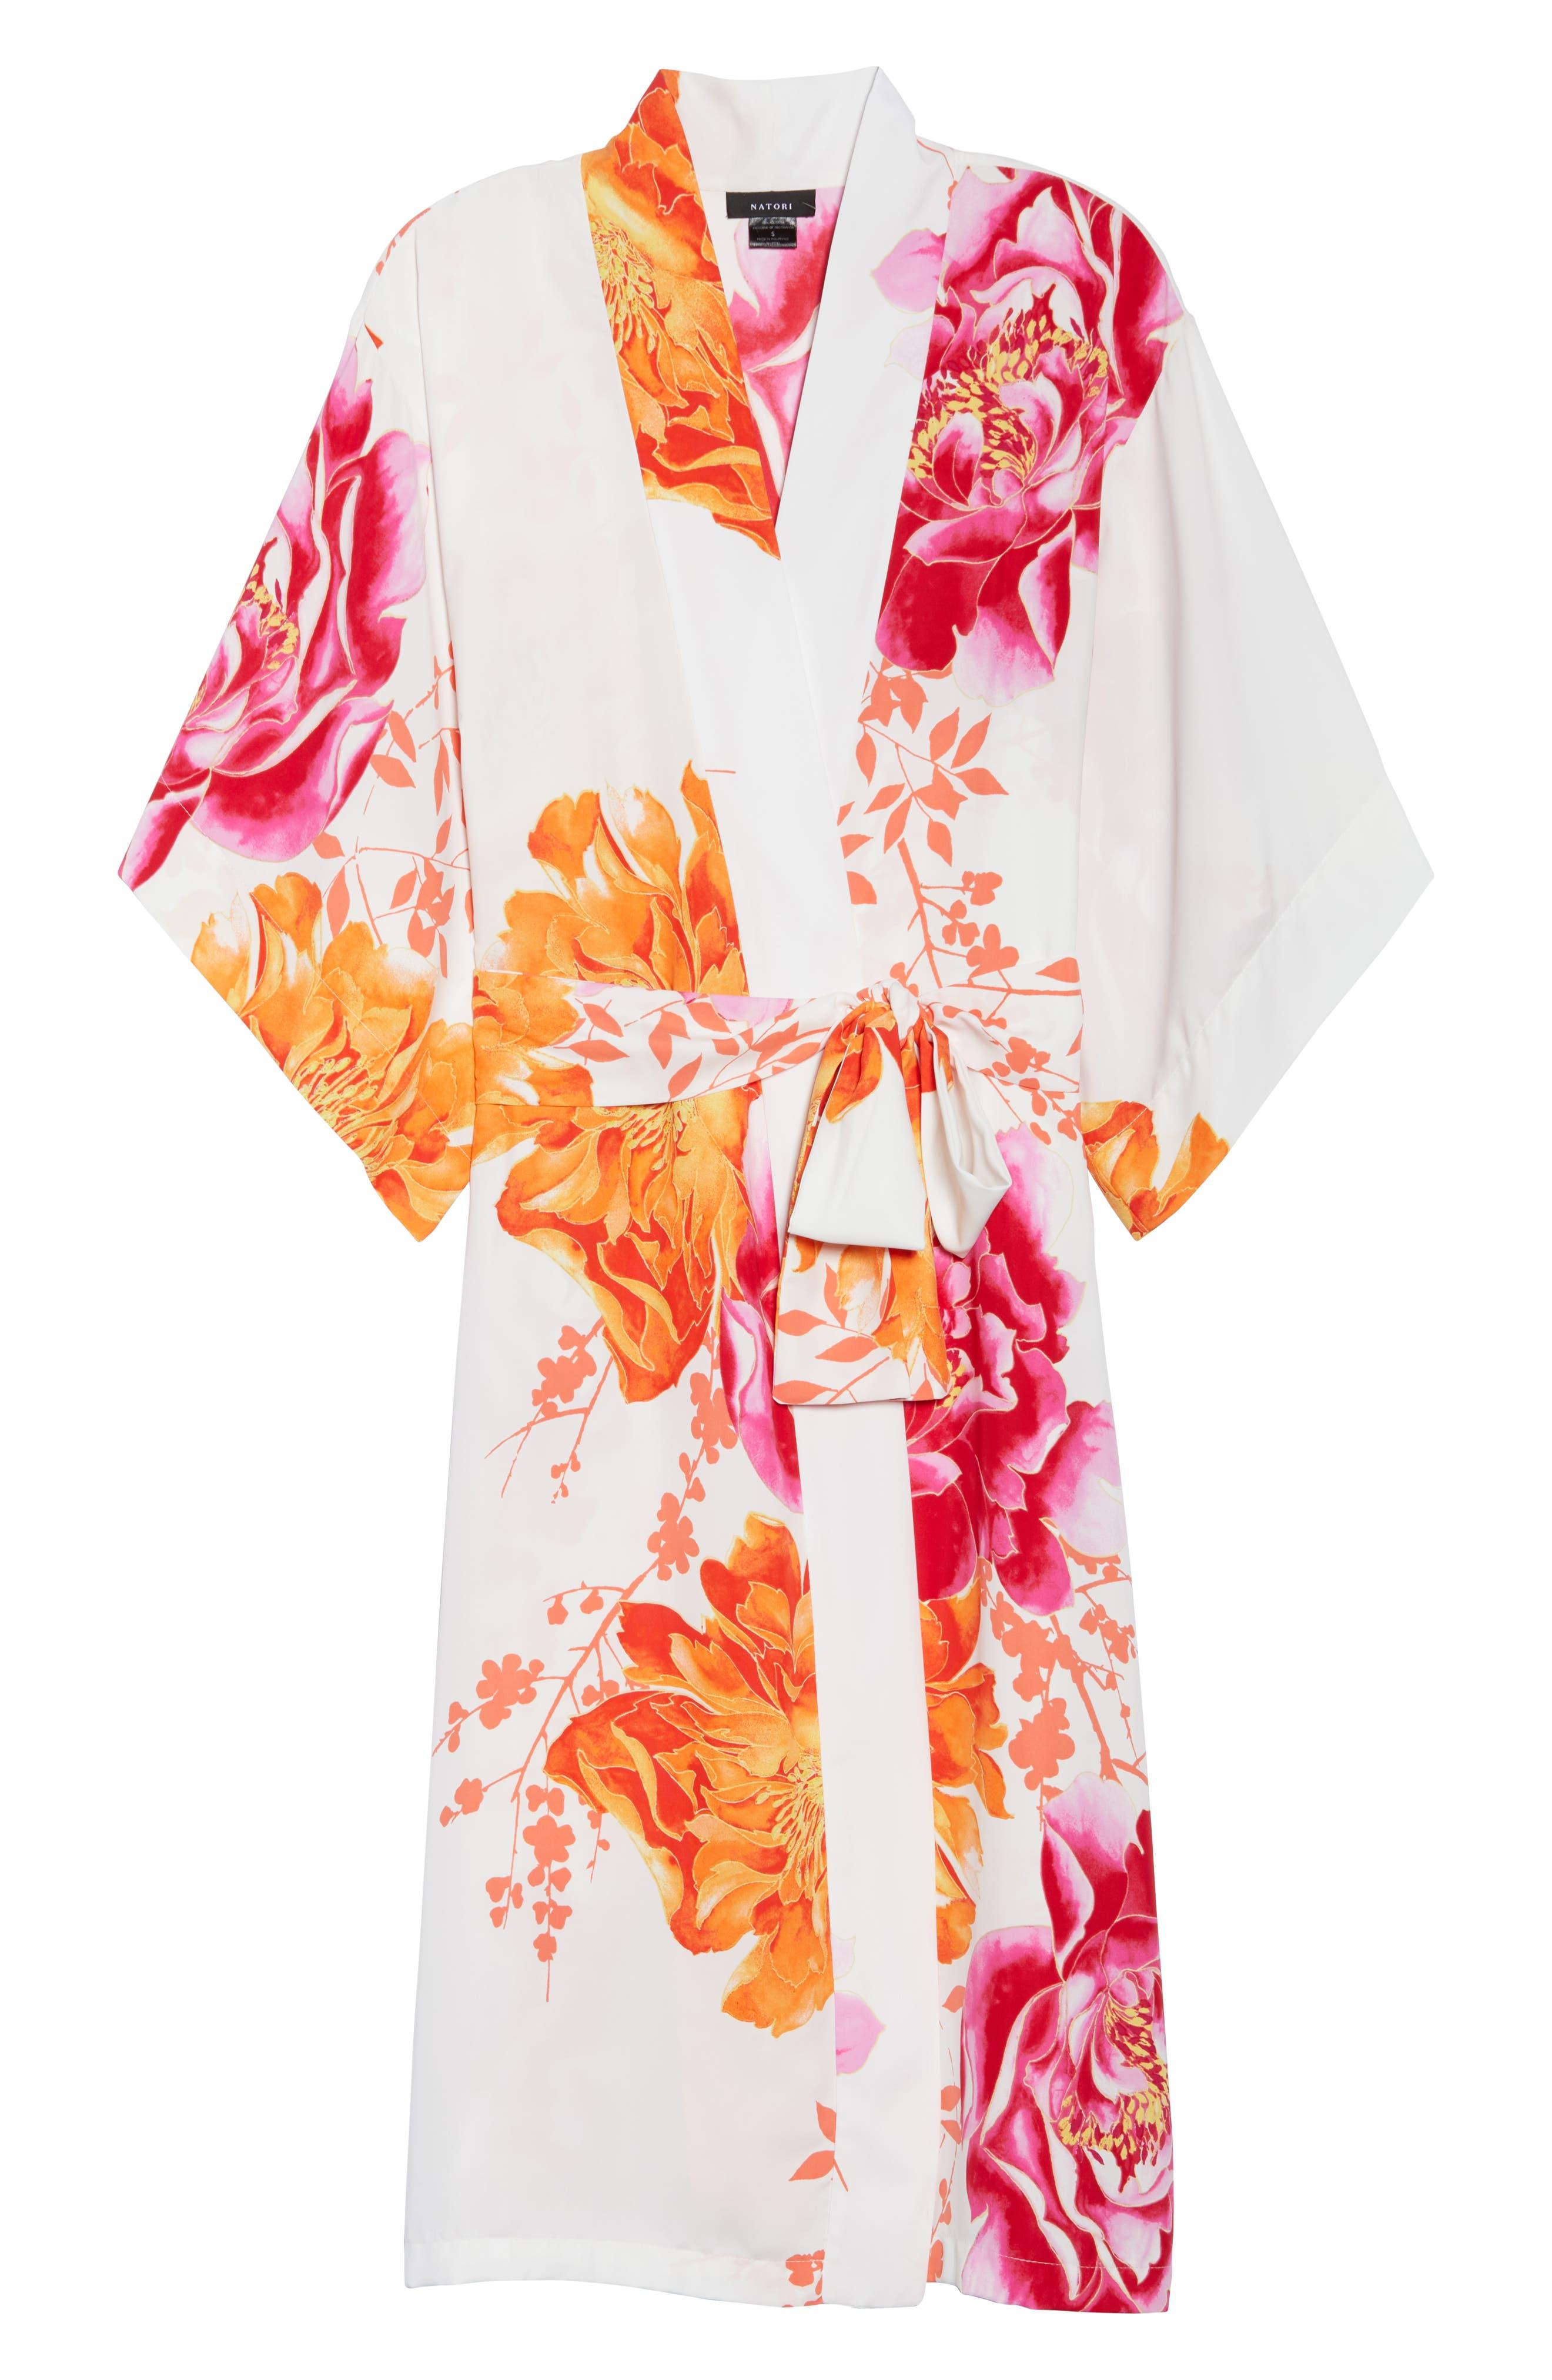 Bali Floral Print Robe,                             Alternate thumbnail 4, color,                             Warm White